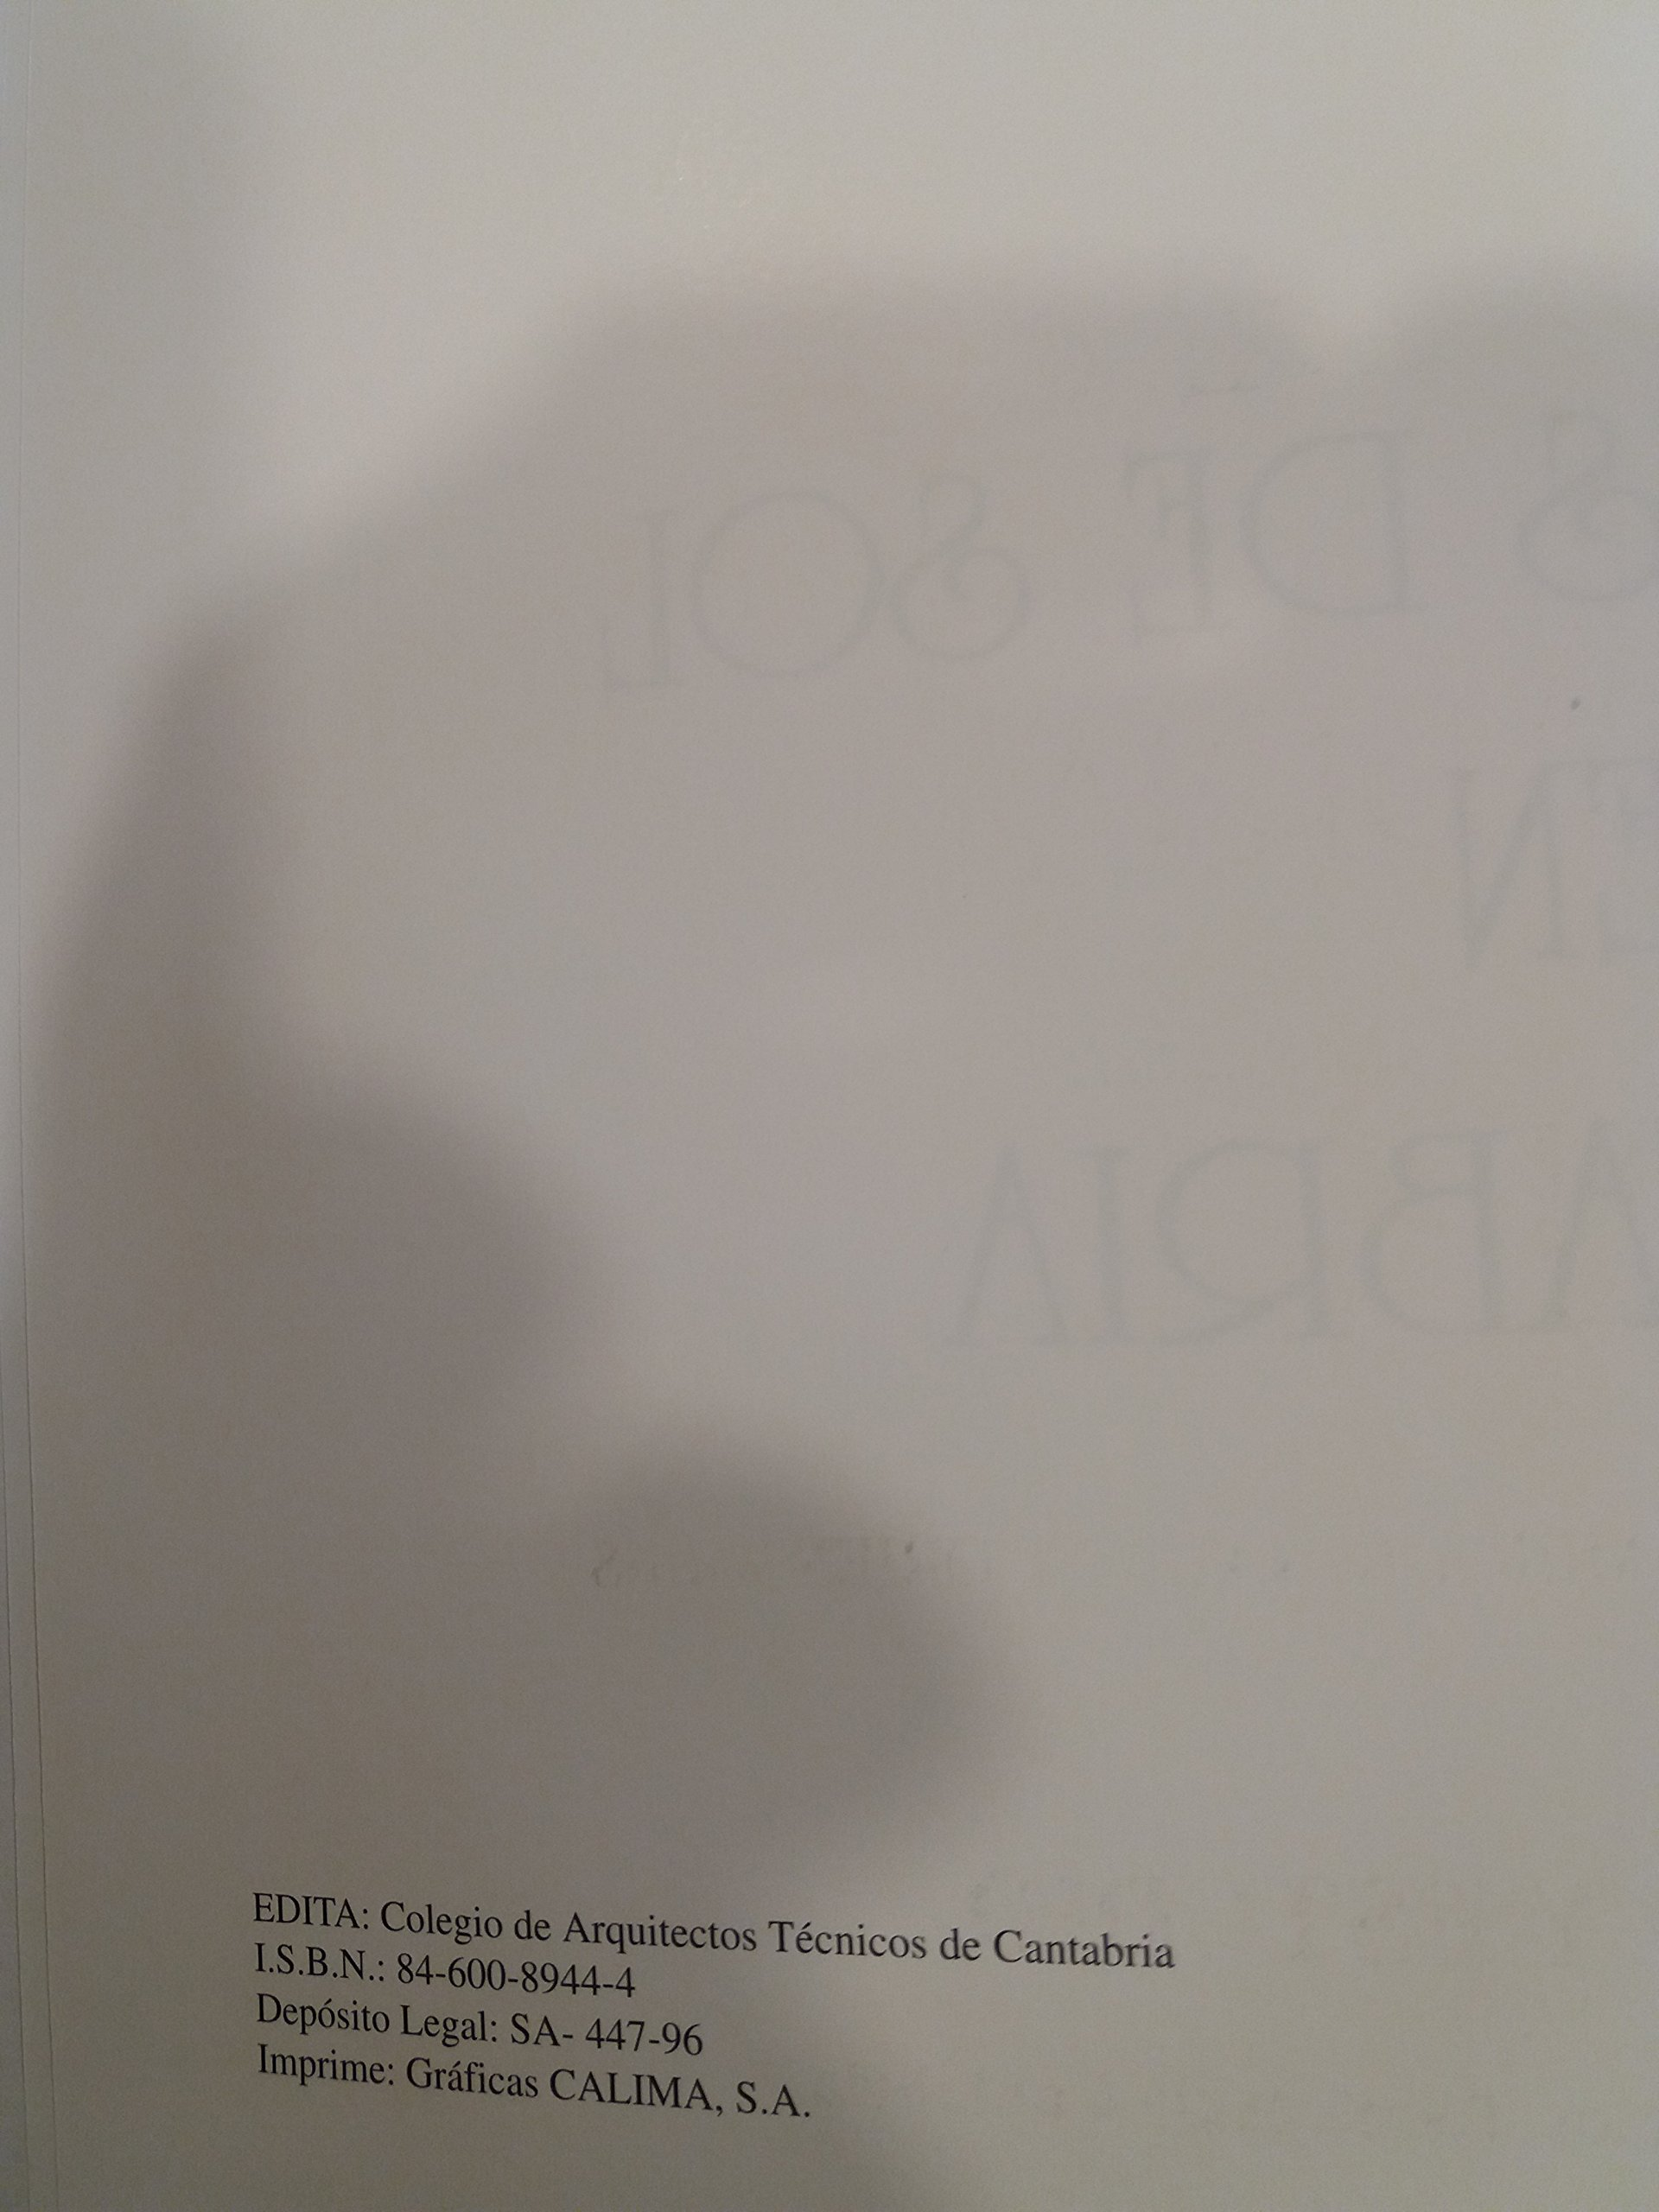 Relojes de sol en Cantabria: Municipios occidentales, meridionales y orientales : catálogo y estudio (Spanish Edition): Miguel Angel García Guinea: ...